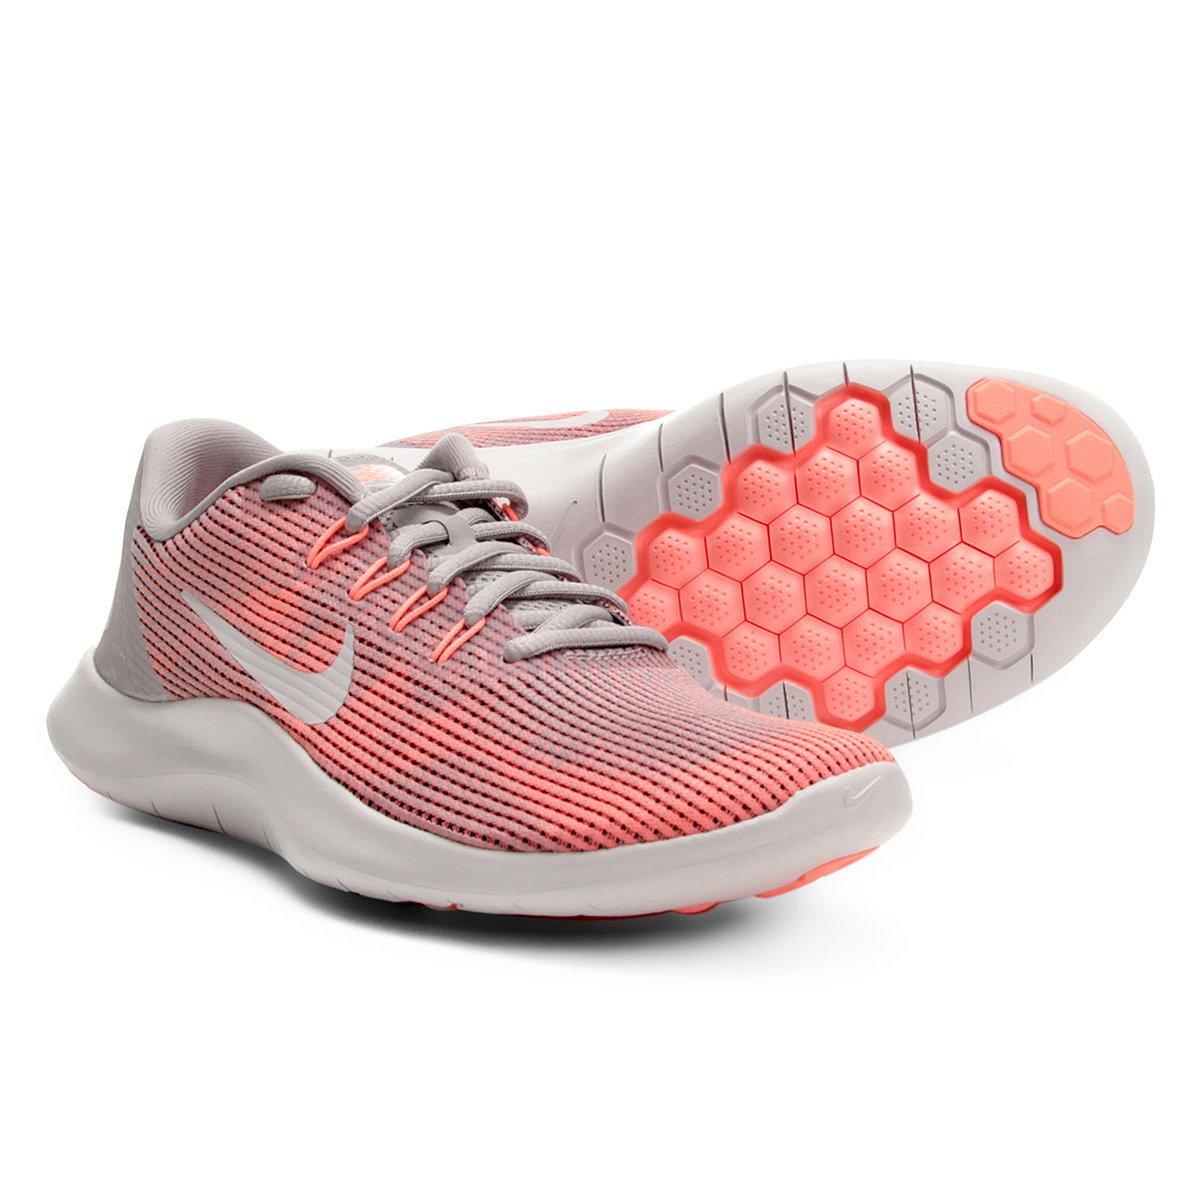 7f21d4737d5b8 Tênis Nike Wmns Flex 2018 Rn Feminino - Cinza e Vermelho - Compre Agora